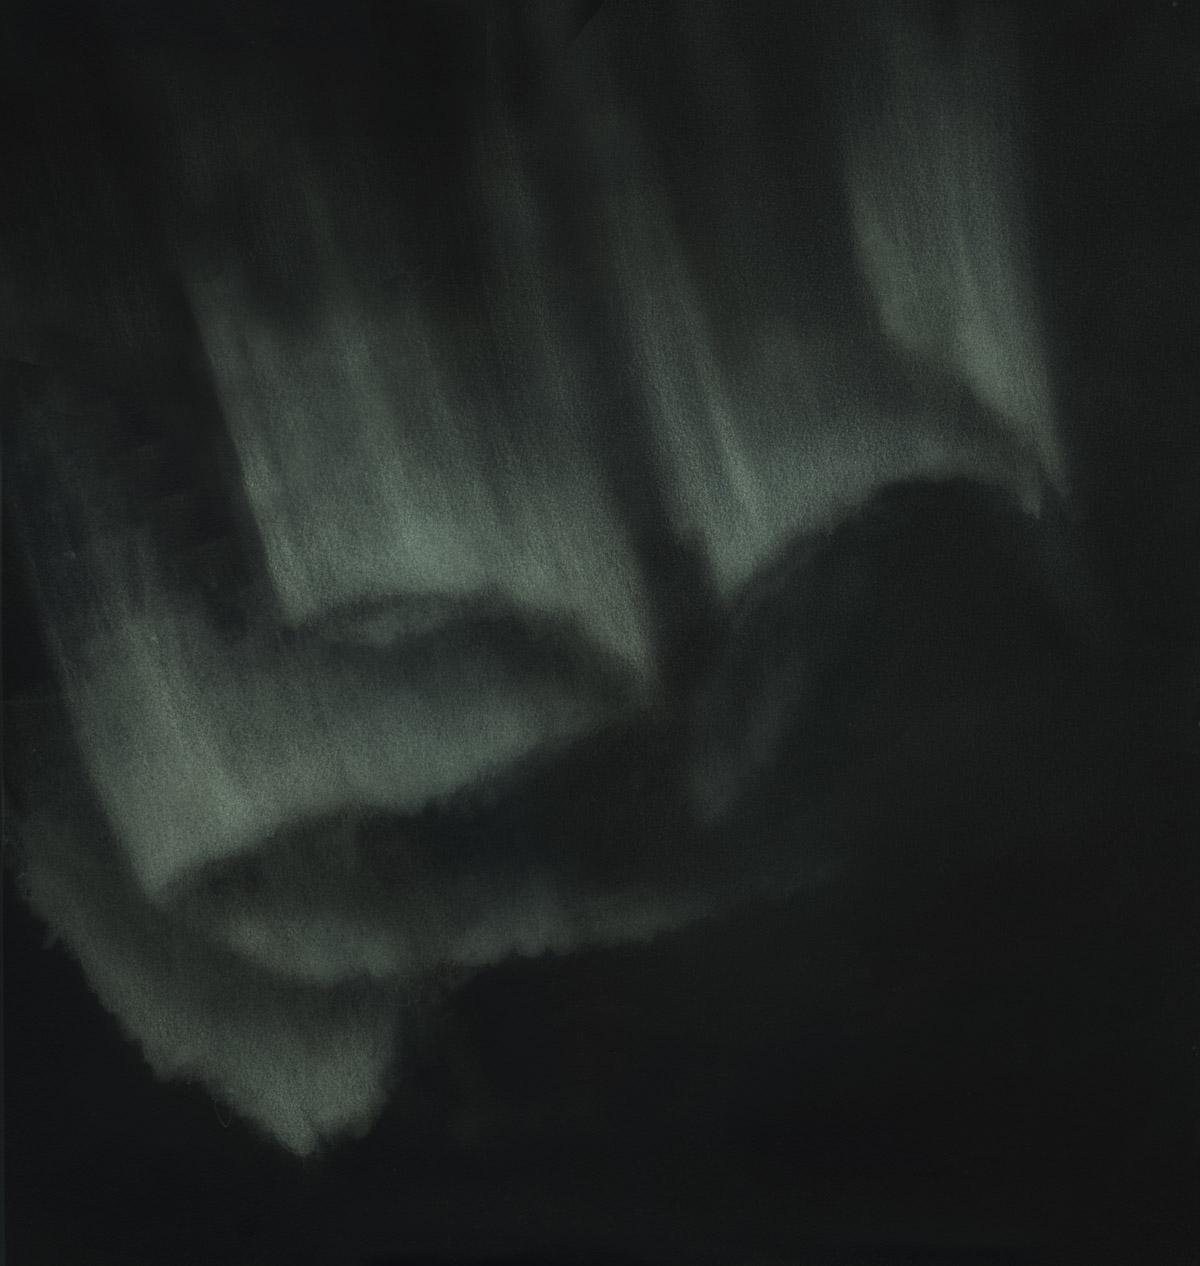 8125-1508691939.jpg